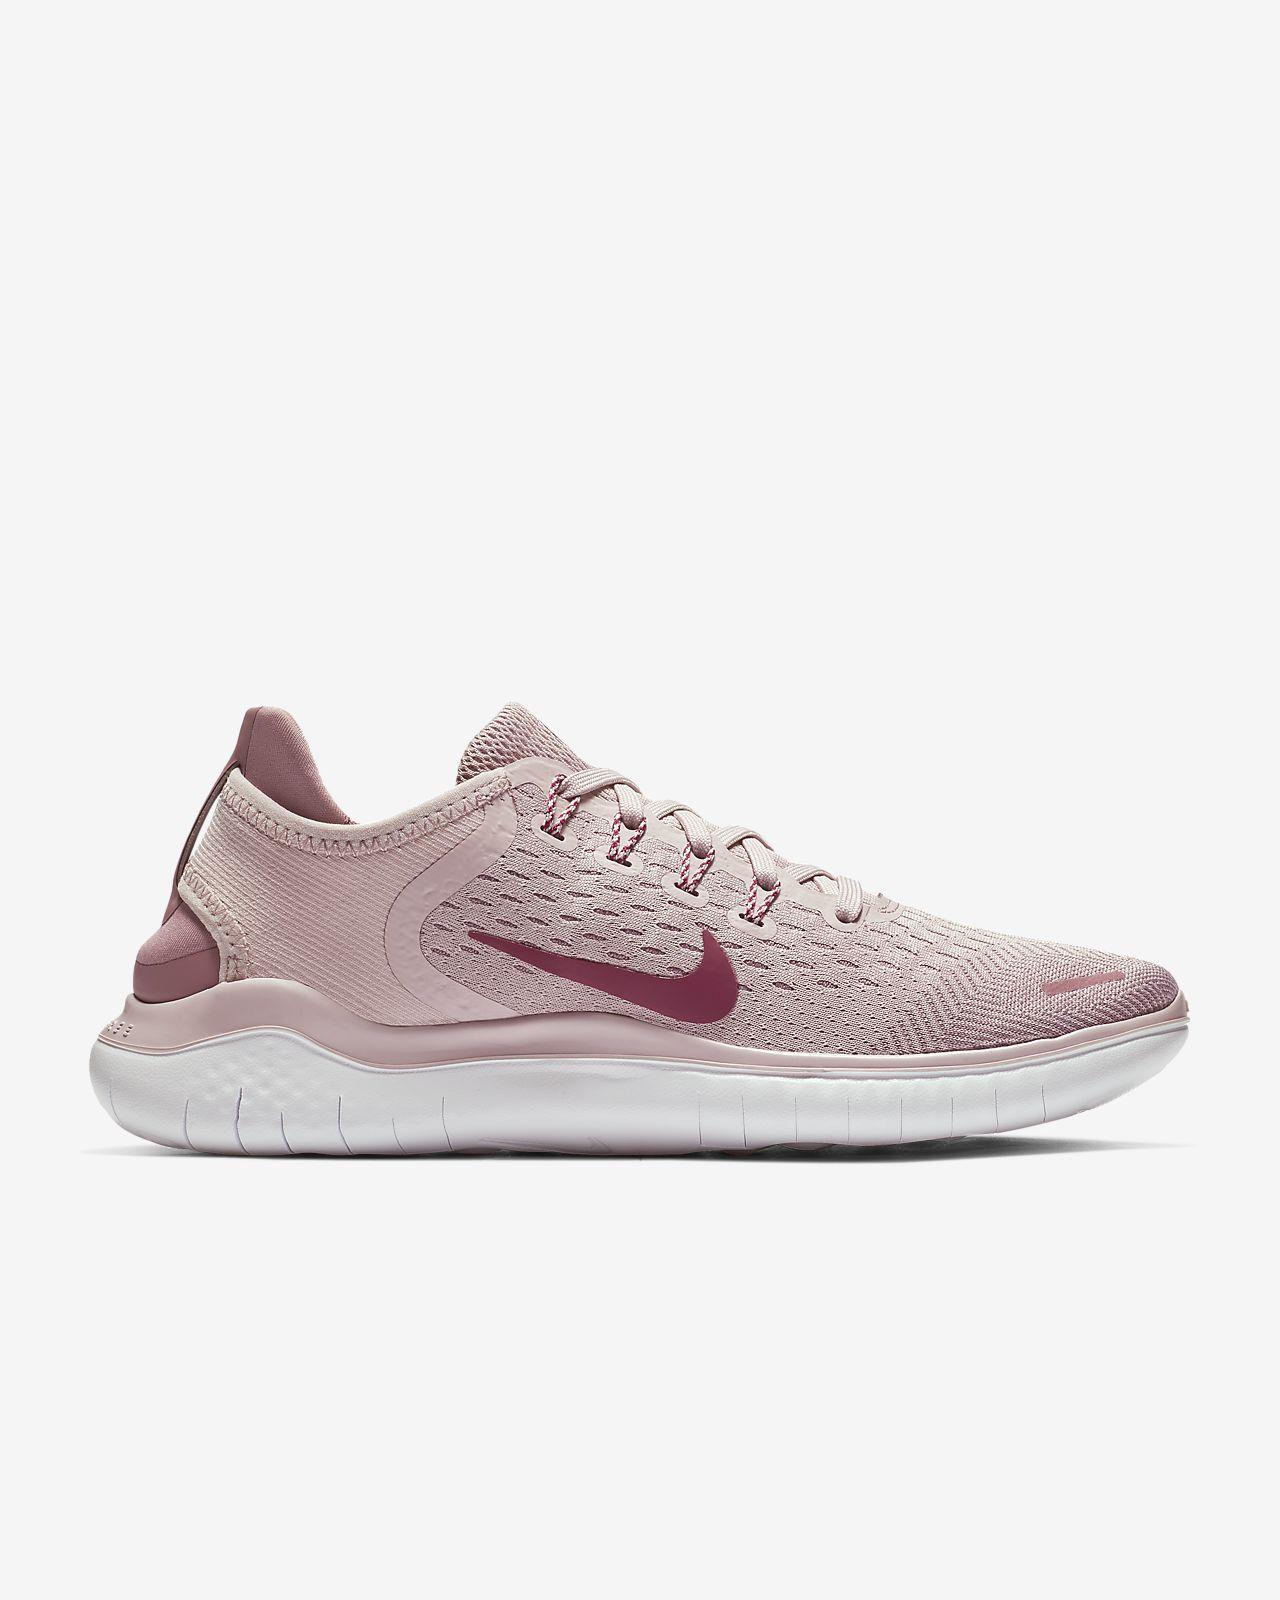 dcdb8b0e3190 Nike Free RN 2018 Women s Running Shoe. Nike.com IN